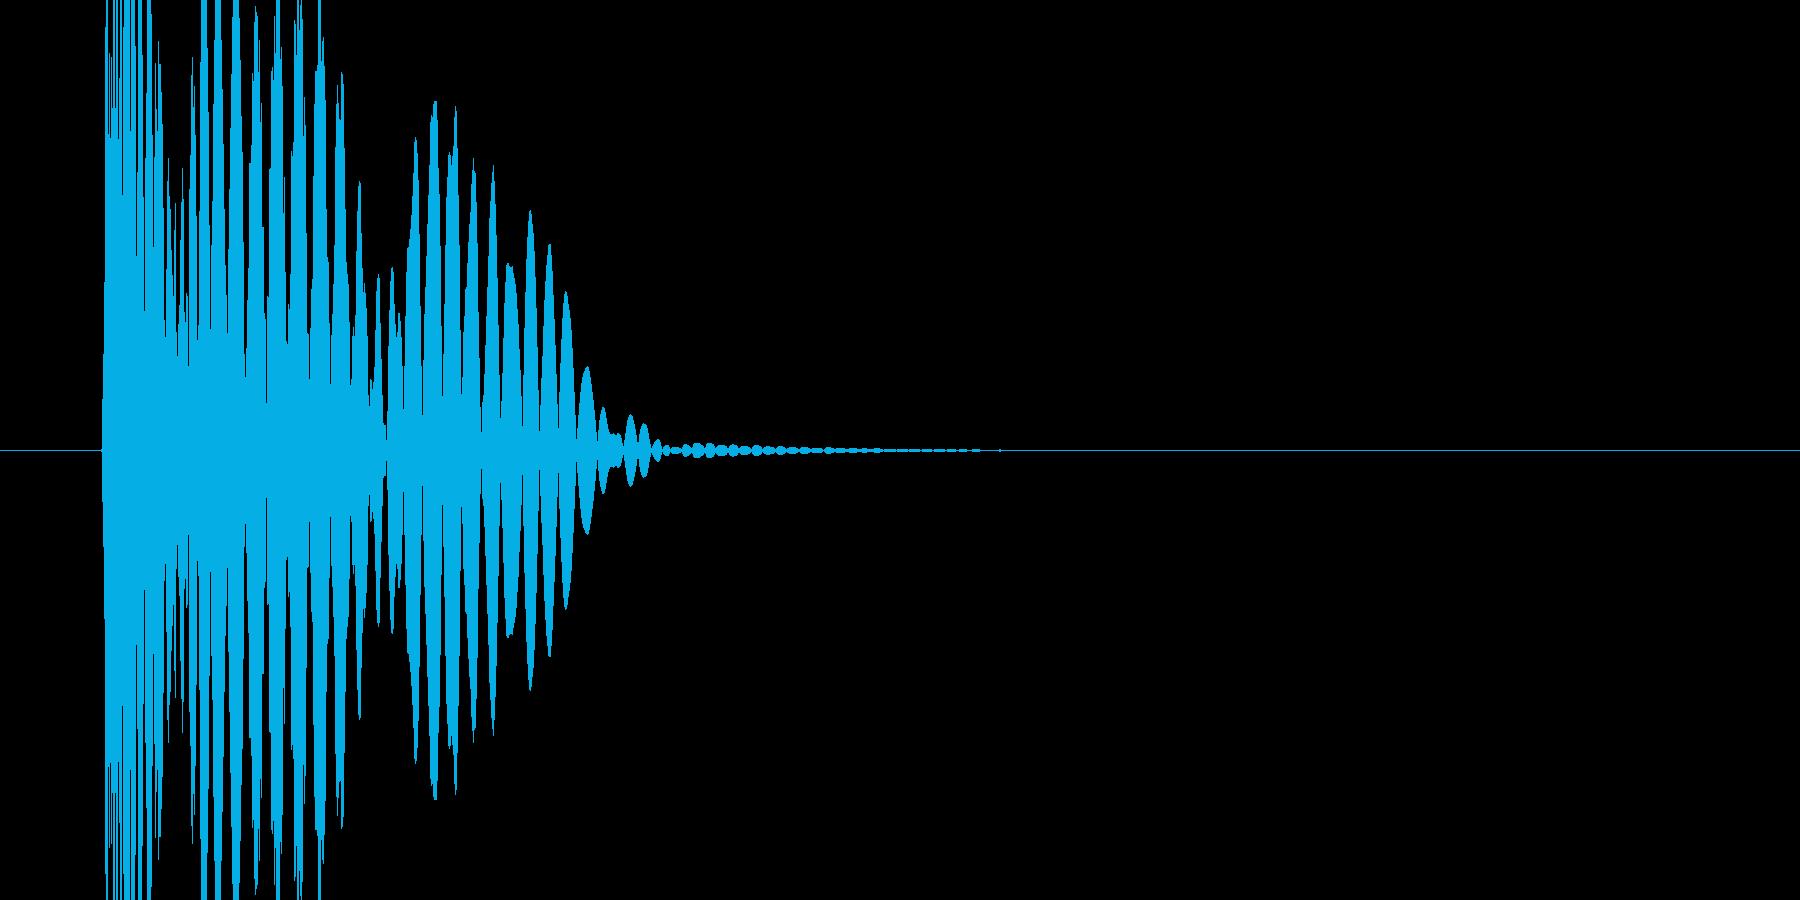 停止音(スロット)の再生済みの波形